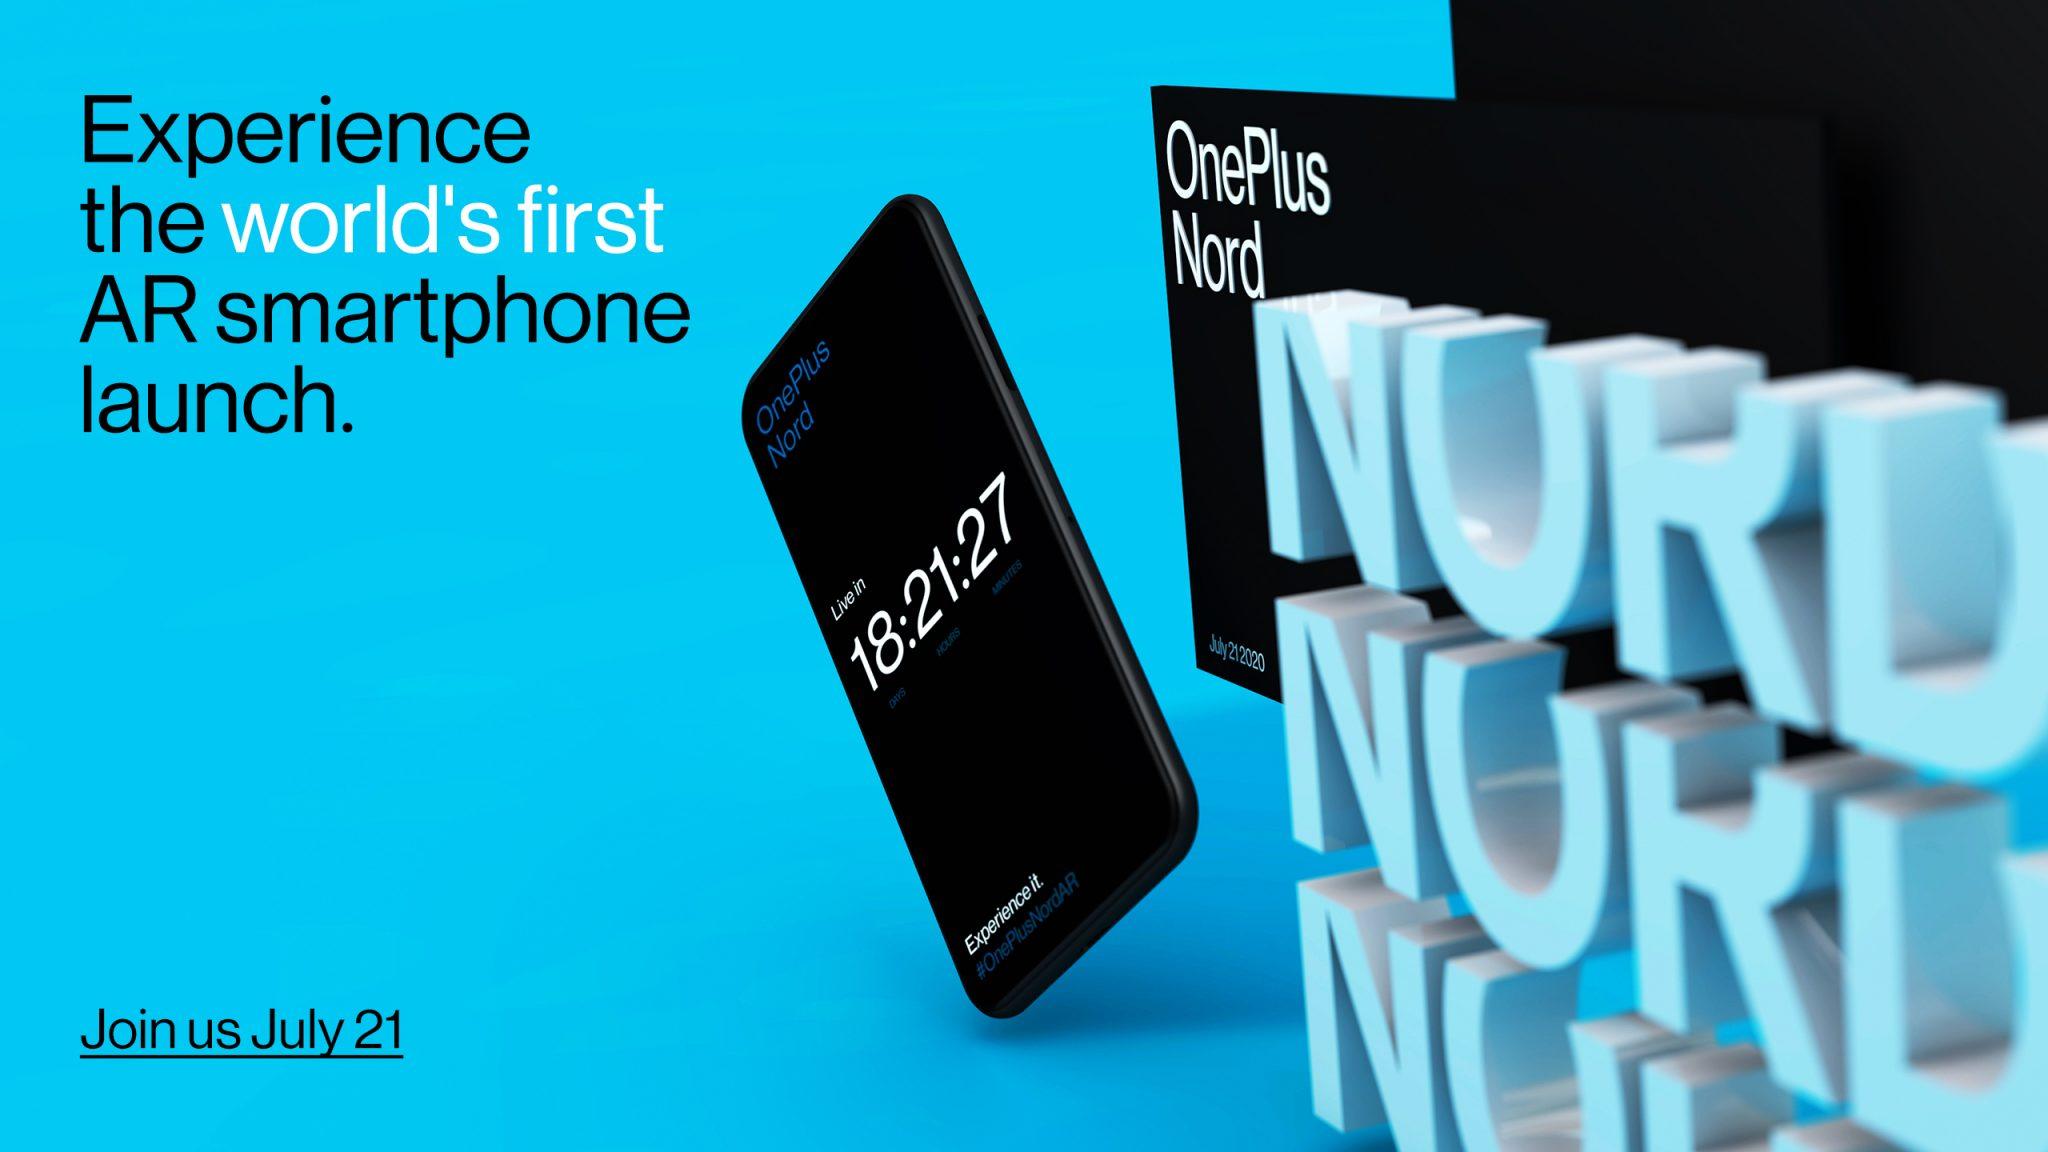 OnePlus Nord sarà ufficiale il 21 luglio con quattro fotocamere posteriori e due anteriori